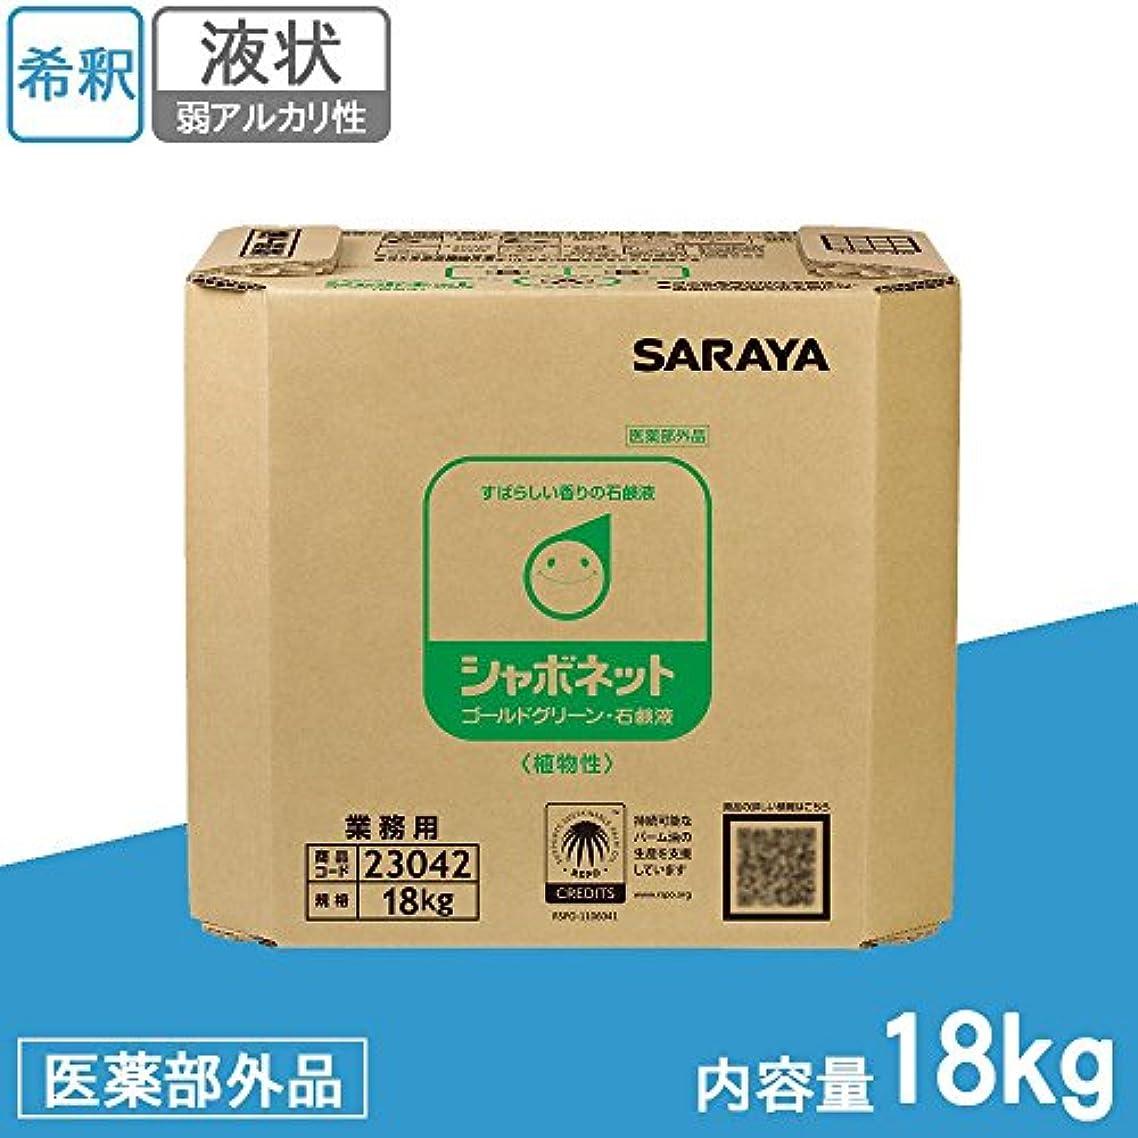 焼くスカープ北方サラヤ 業務用 手洗い用石けん液 シャボネットゴールドグリーン スズランの香り 18kg BIB 23042 (医薬部外品)